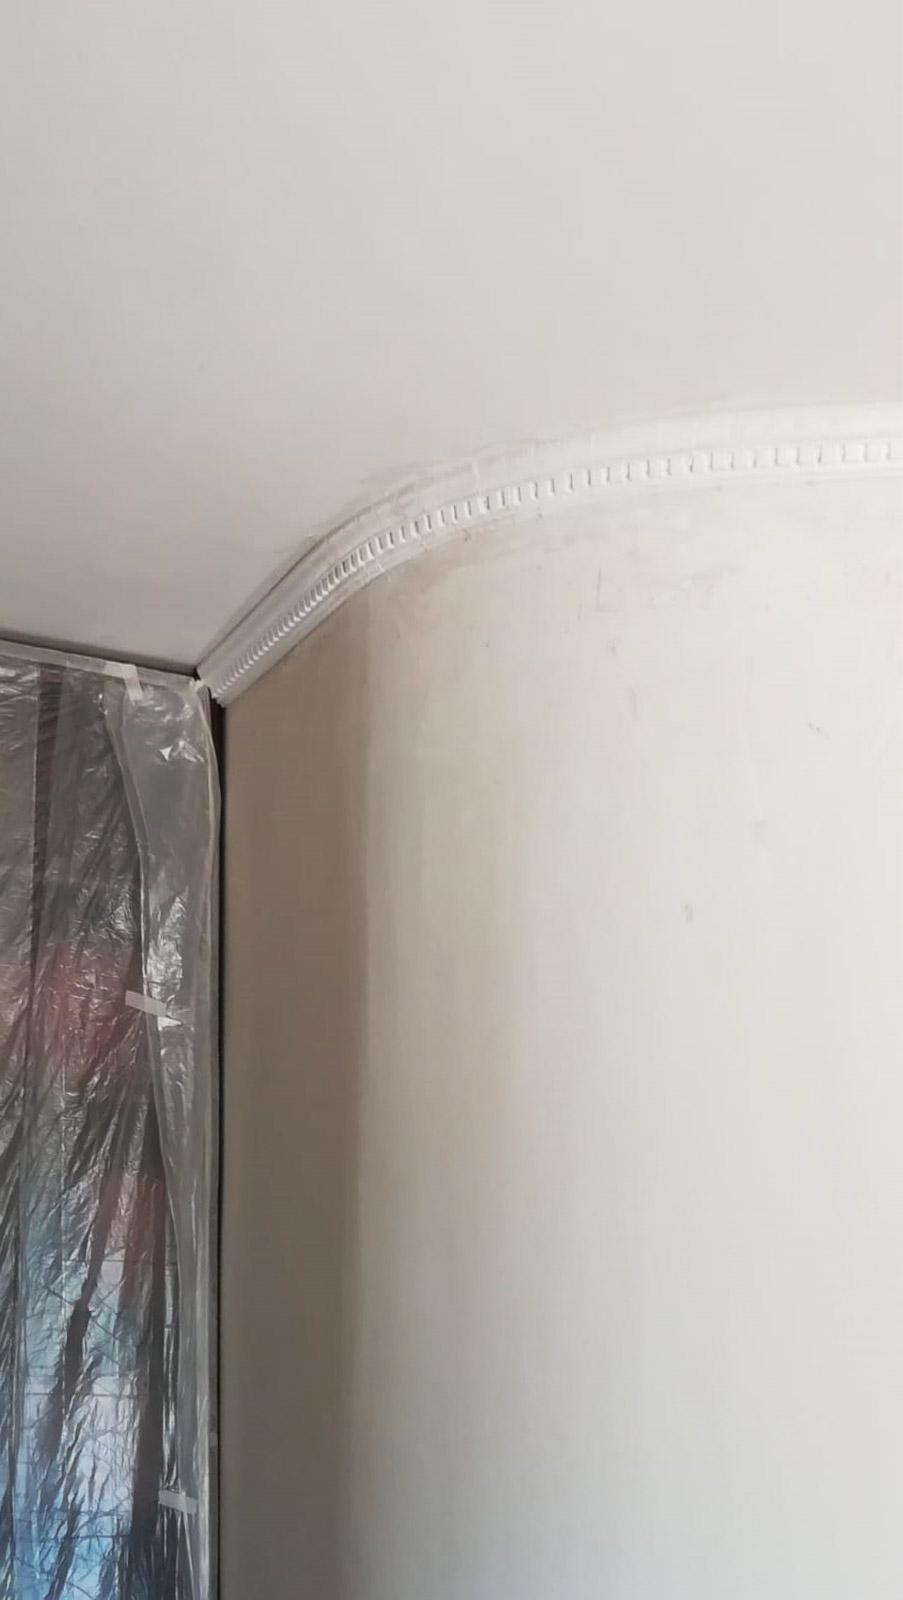 pitture-decorative-ristrutturazioni-edili-latina-rifinitura-soffitto